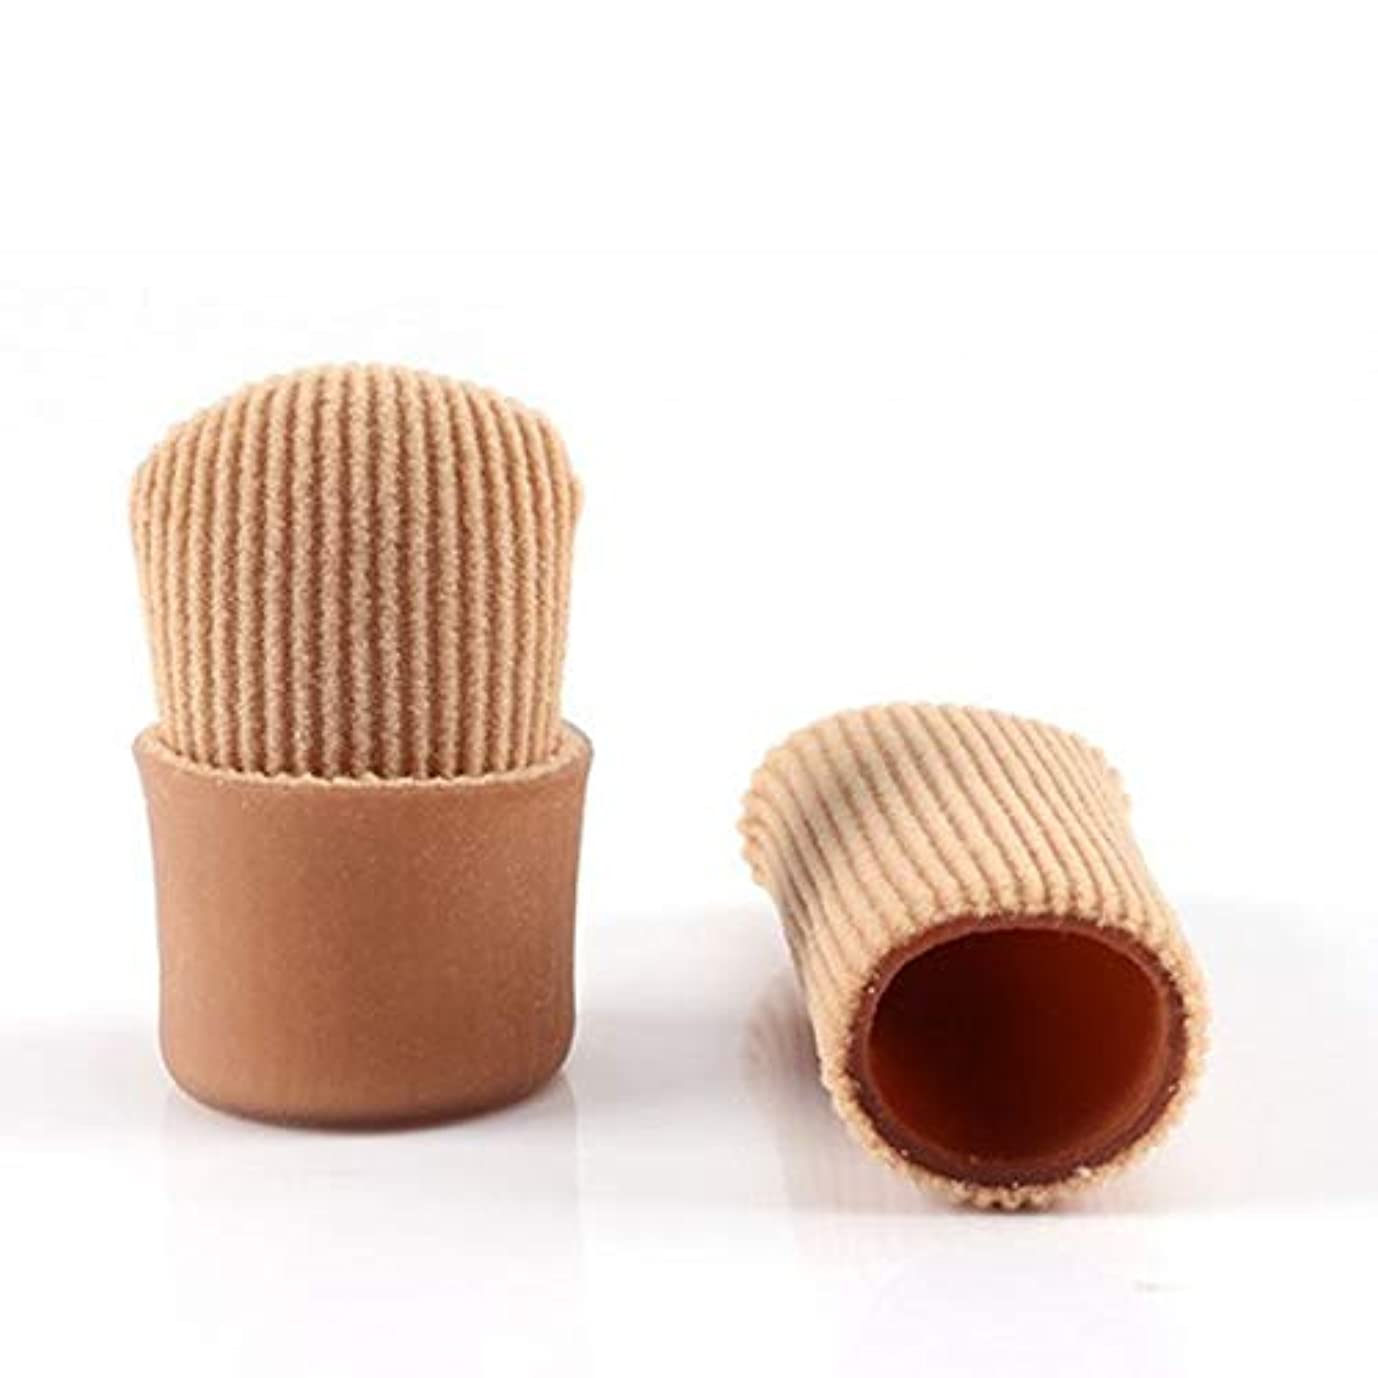 奇跡的な奇跡的な我慢するOpen Toe Tubes Gel Lined Fabric Sleeve Protectors To Prevent Corns, Calluses And Blisters While Softening And...